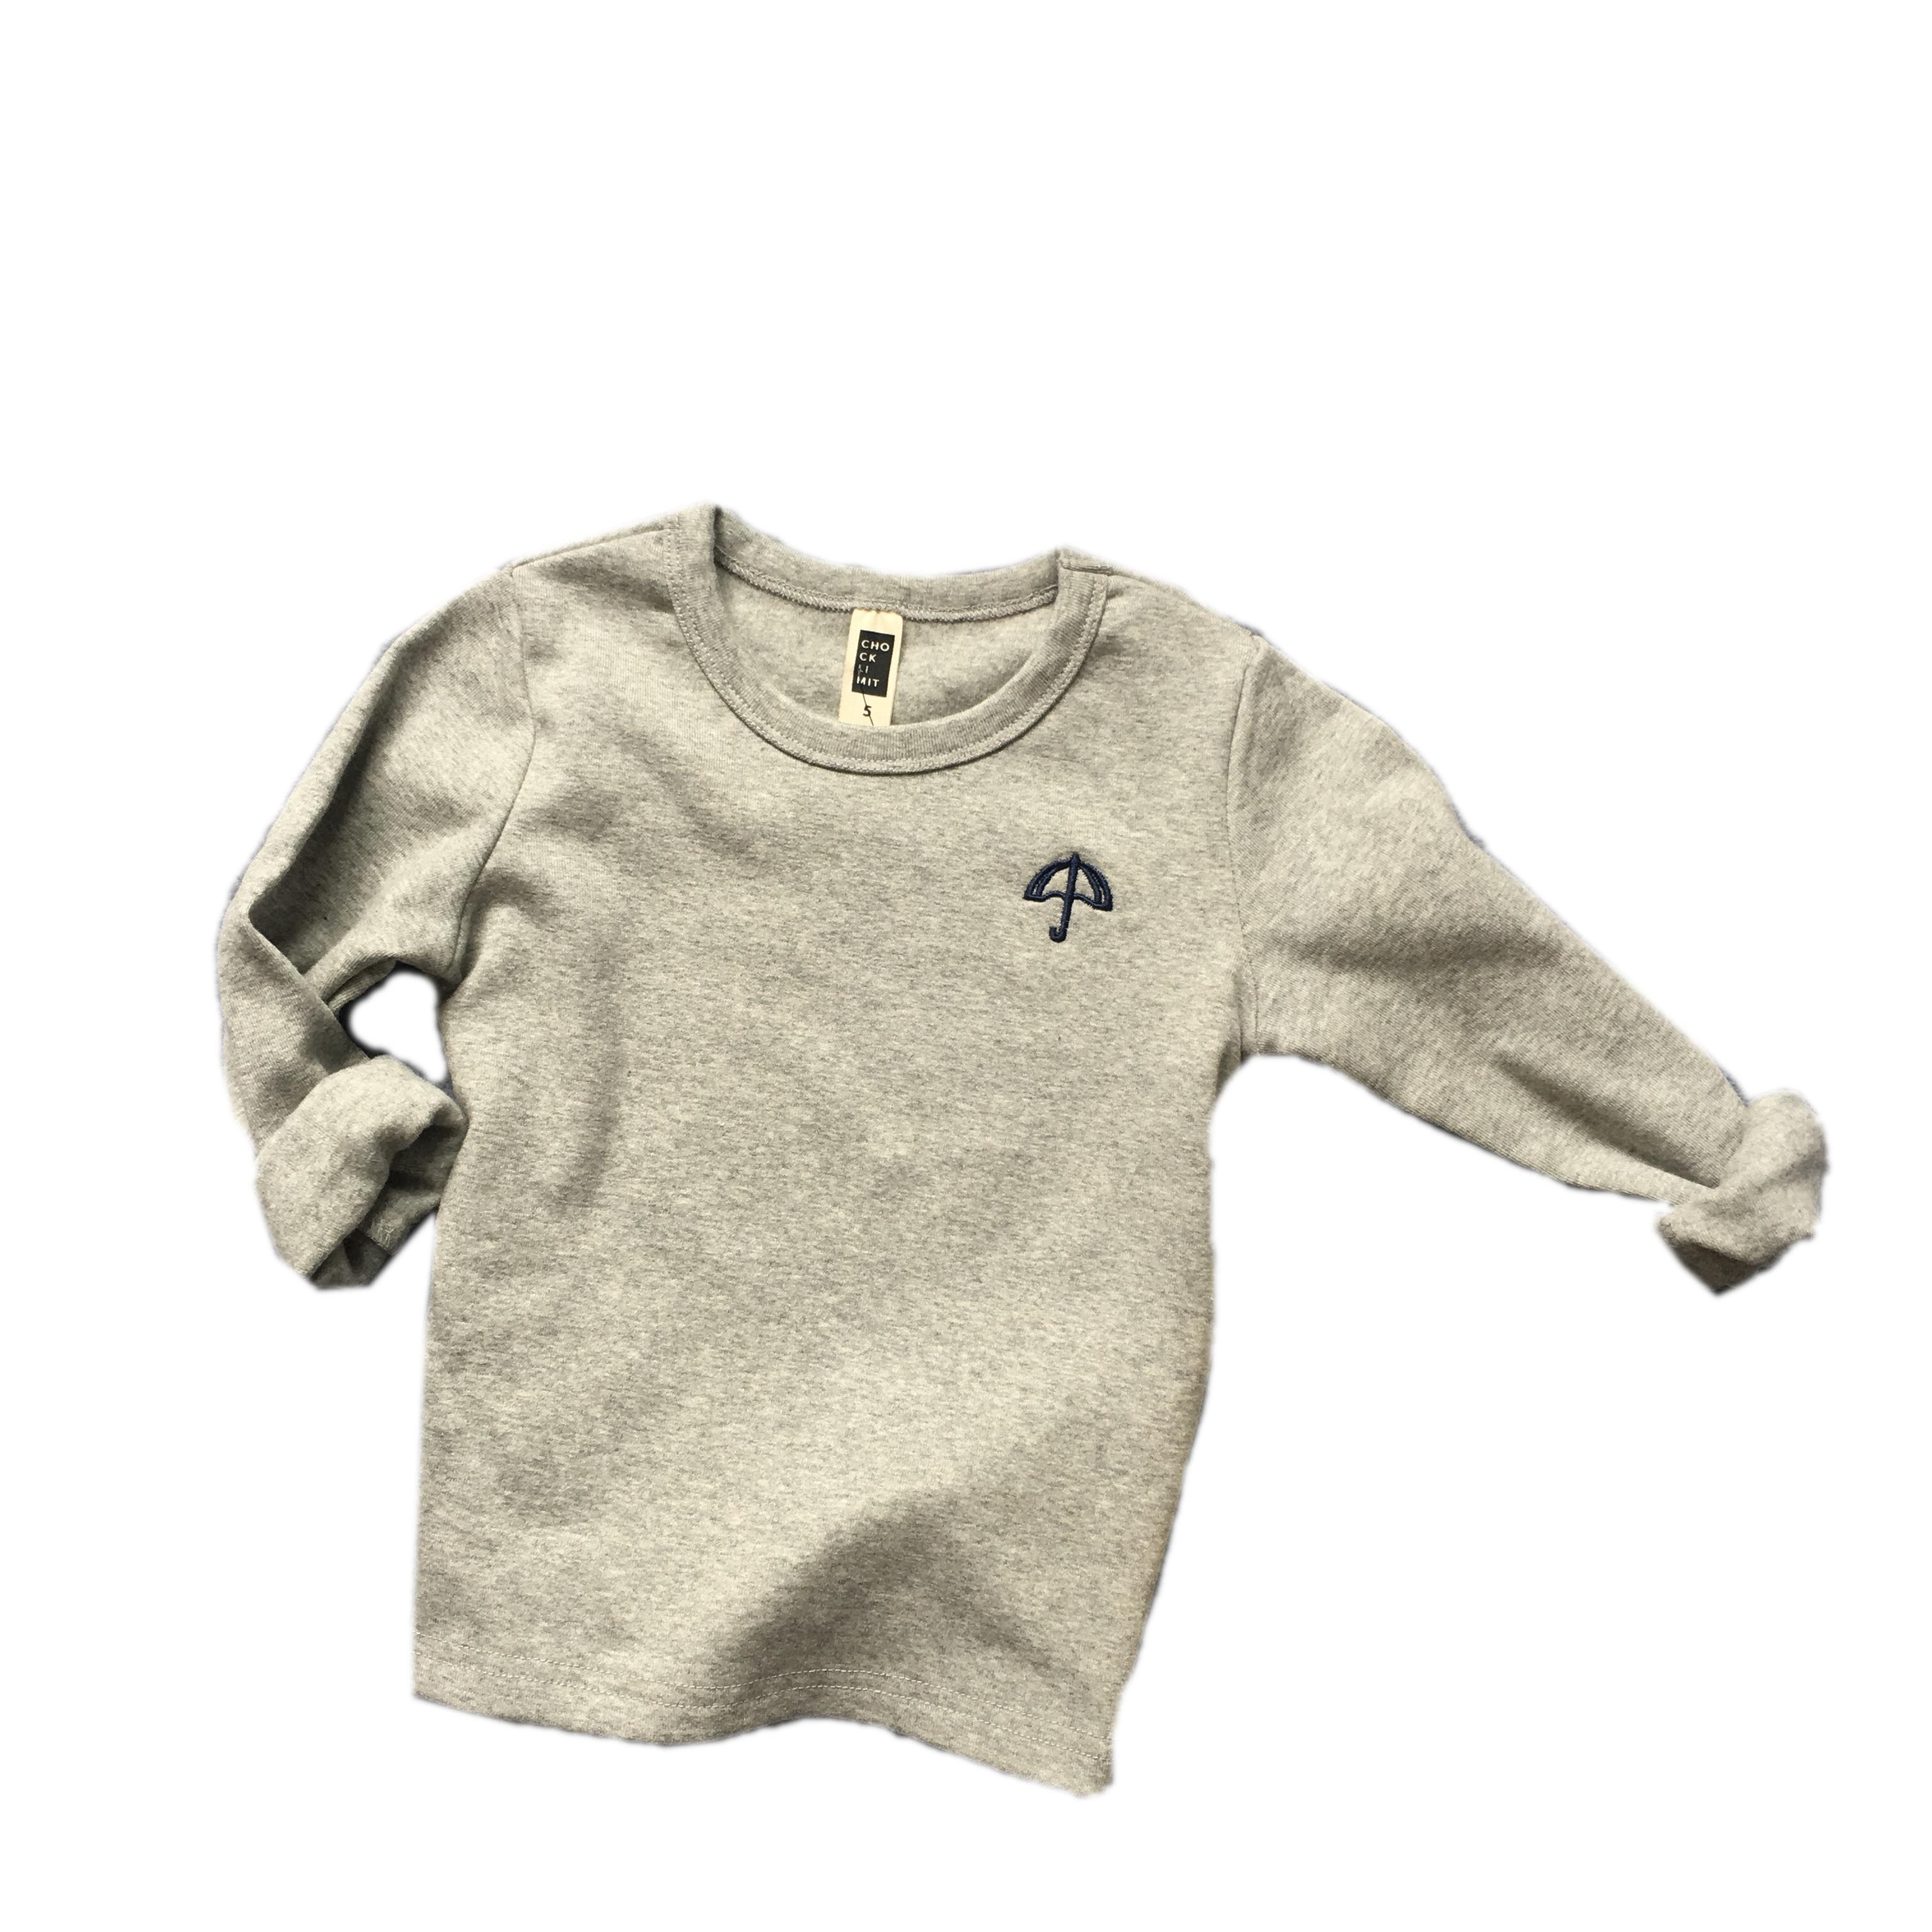 儿童t恤春秋新款男童磨毛圆领打底衫儿童百搭棉质多色长袖T恤